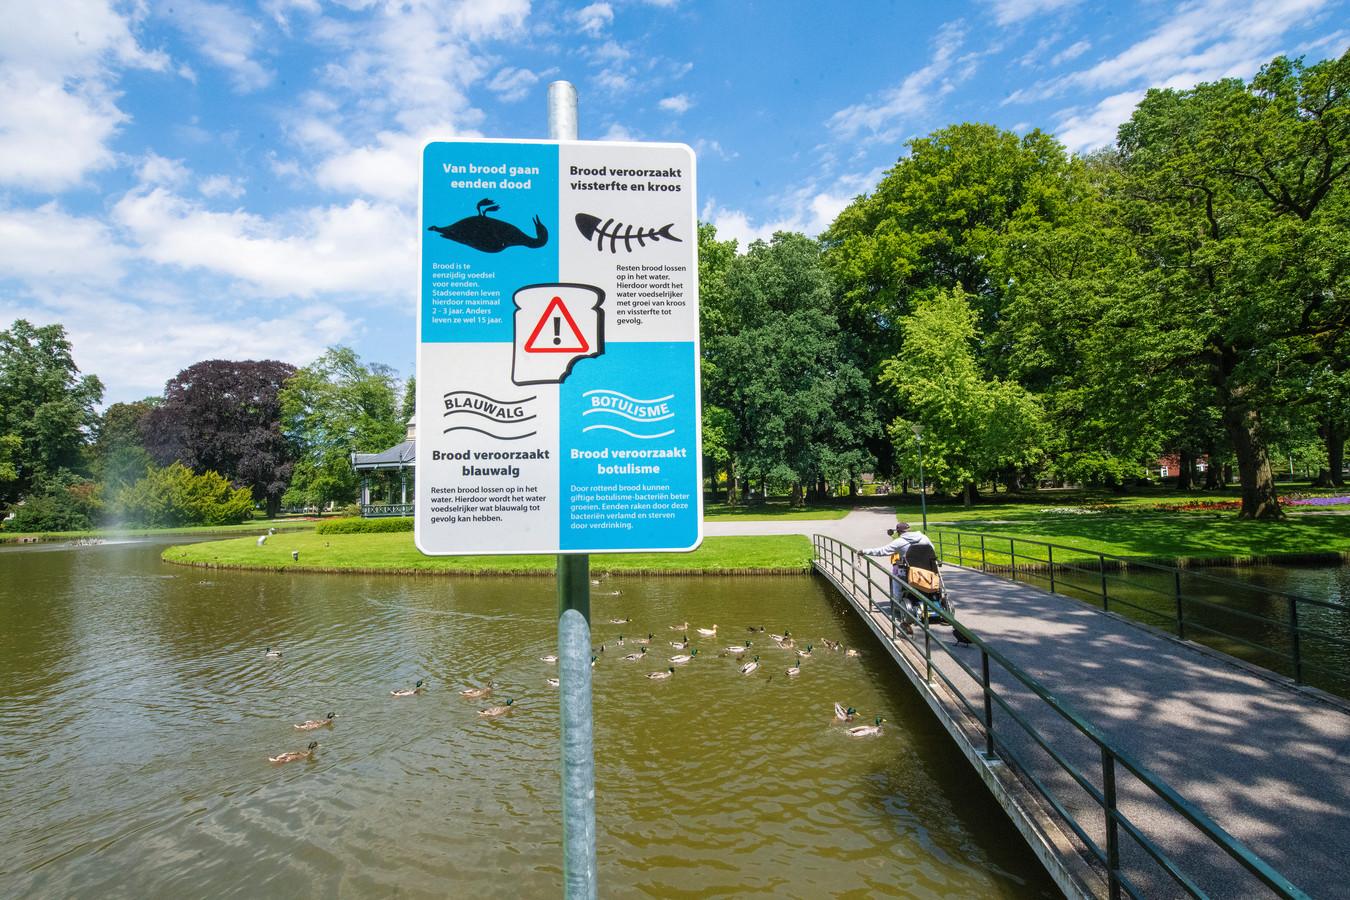 Het nieuwe bord, onder meer te zien in het Oranjepark, moet er voor zorgen dat er minder broodresten in de Apeldoornse vijvers belanden.